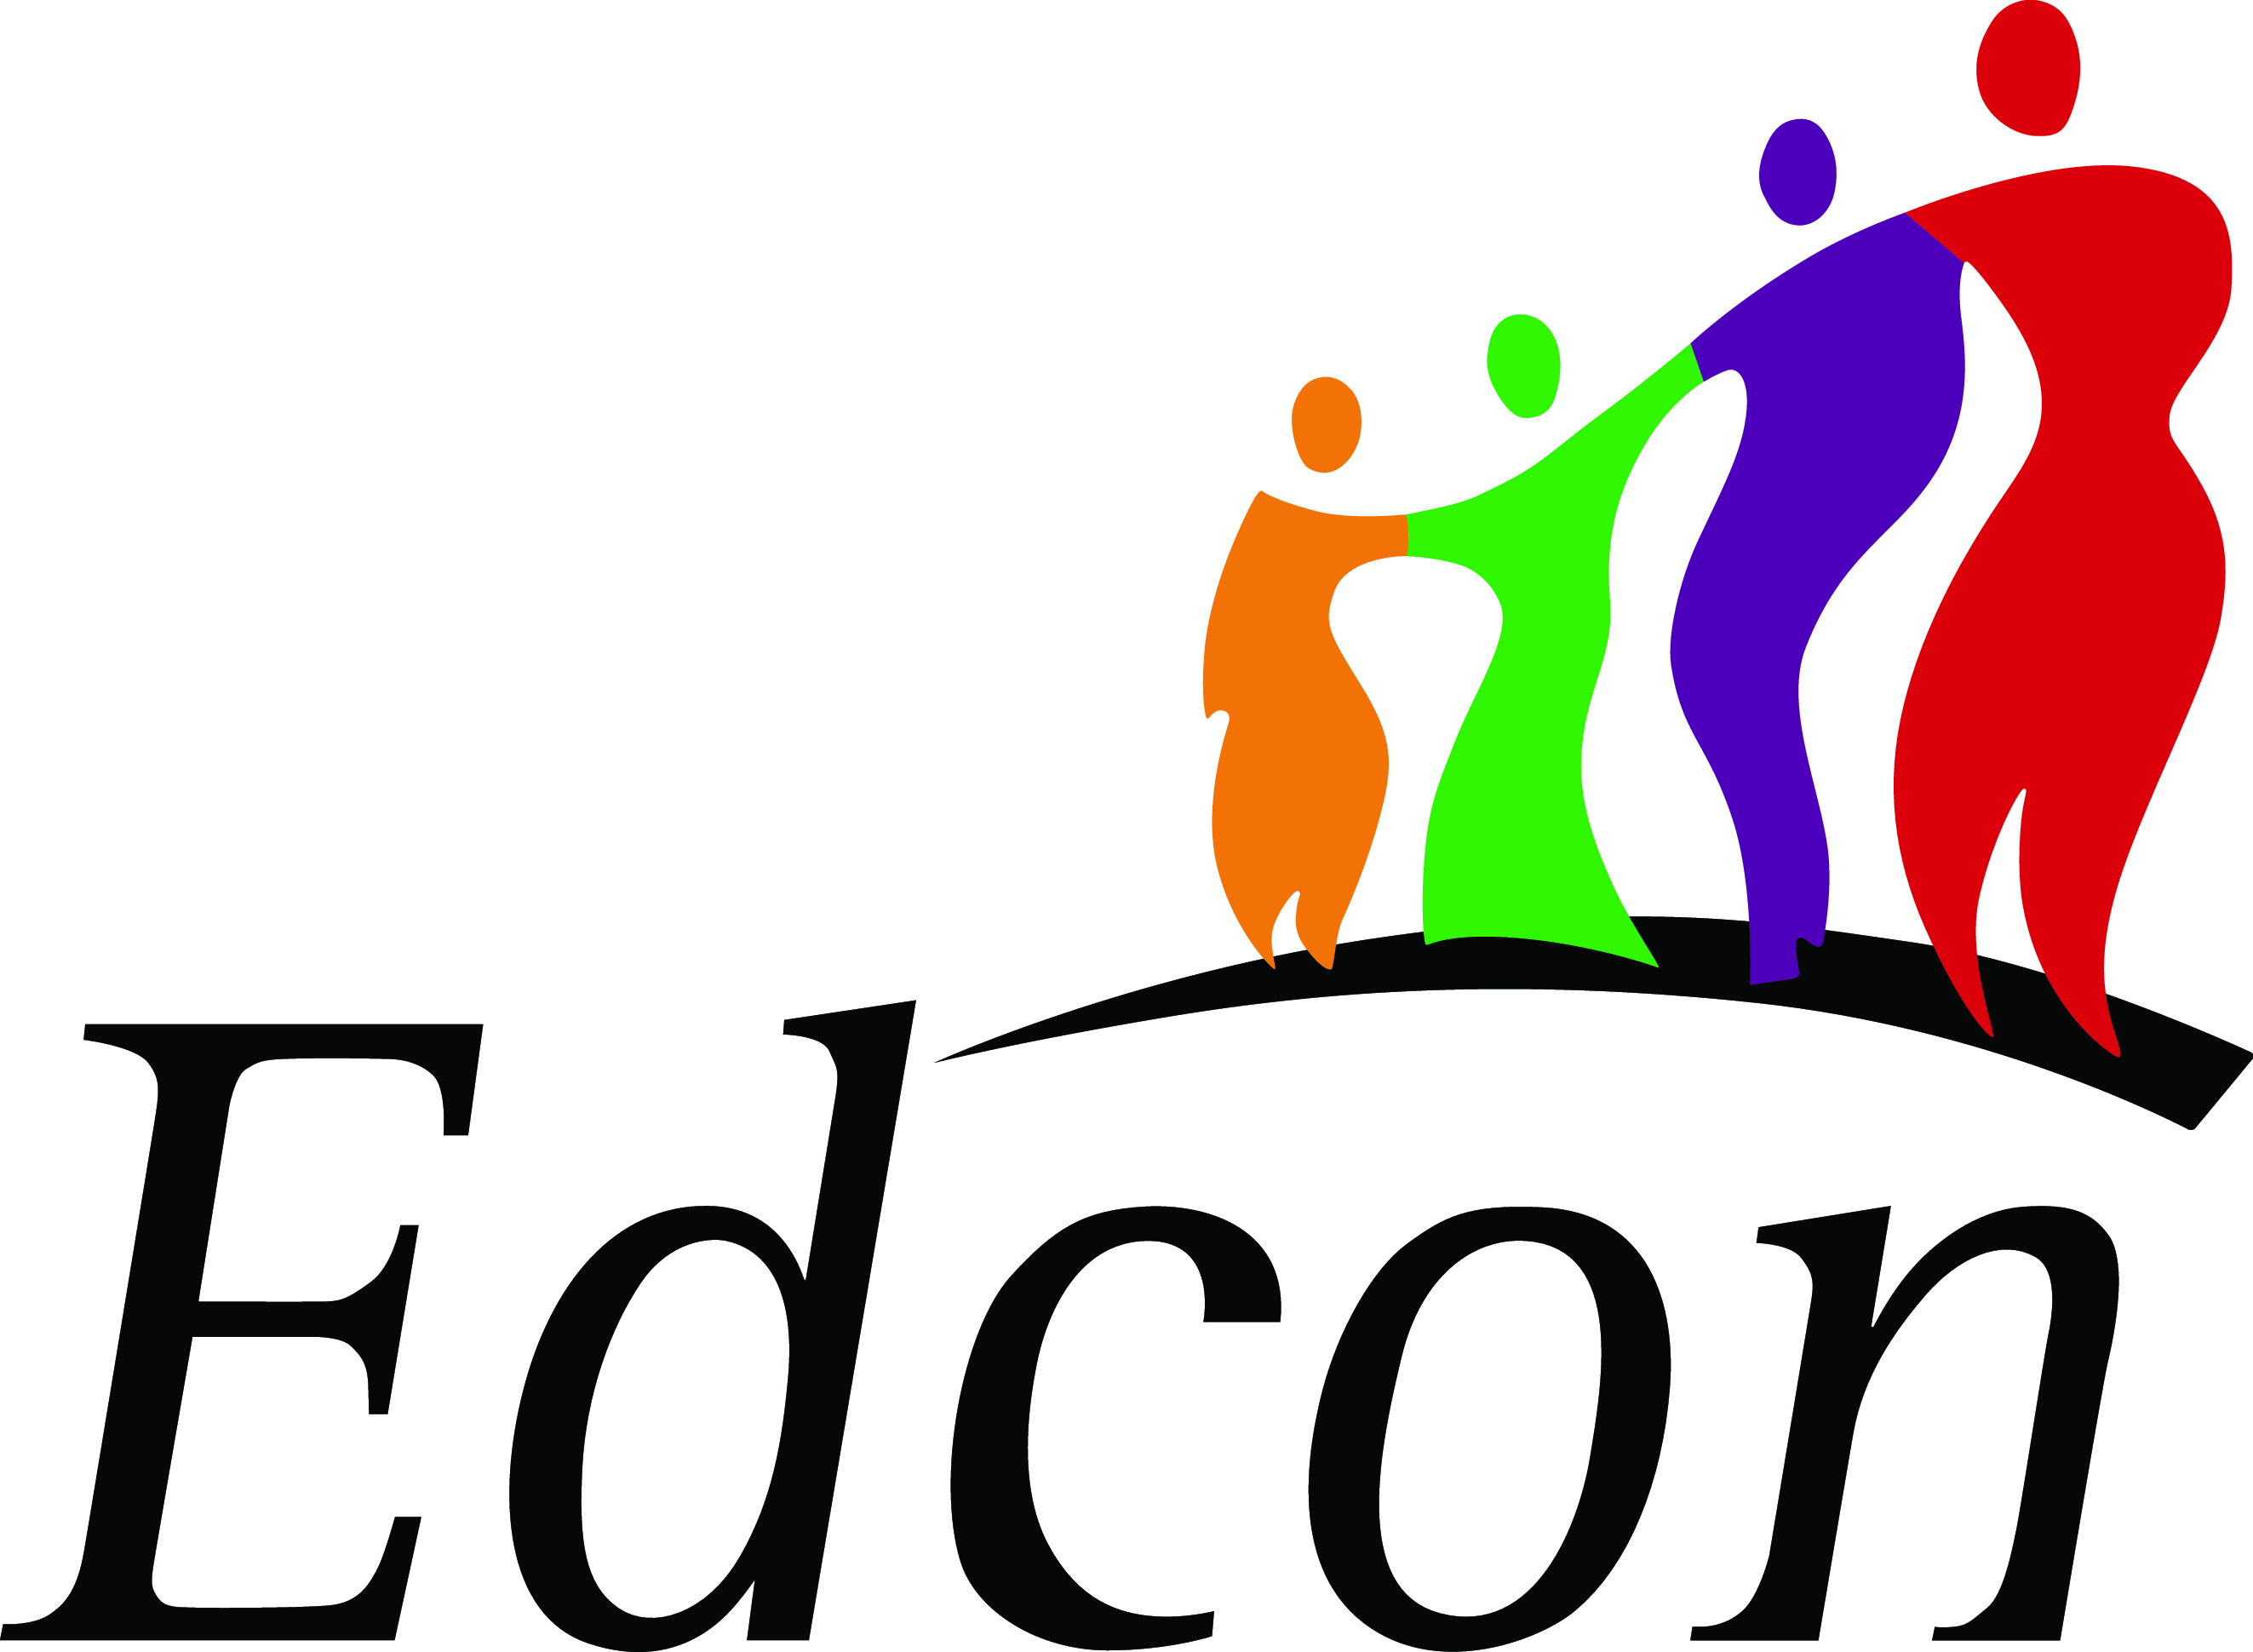 edcon_vector_logo_2015_re-draw_not_from_company_copy